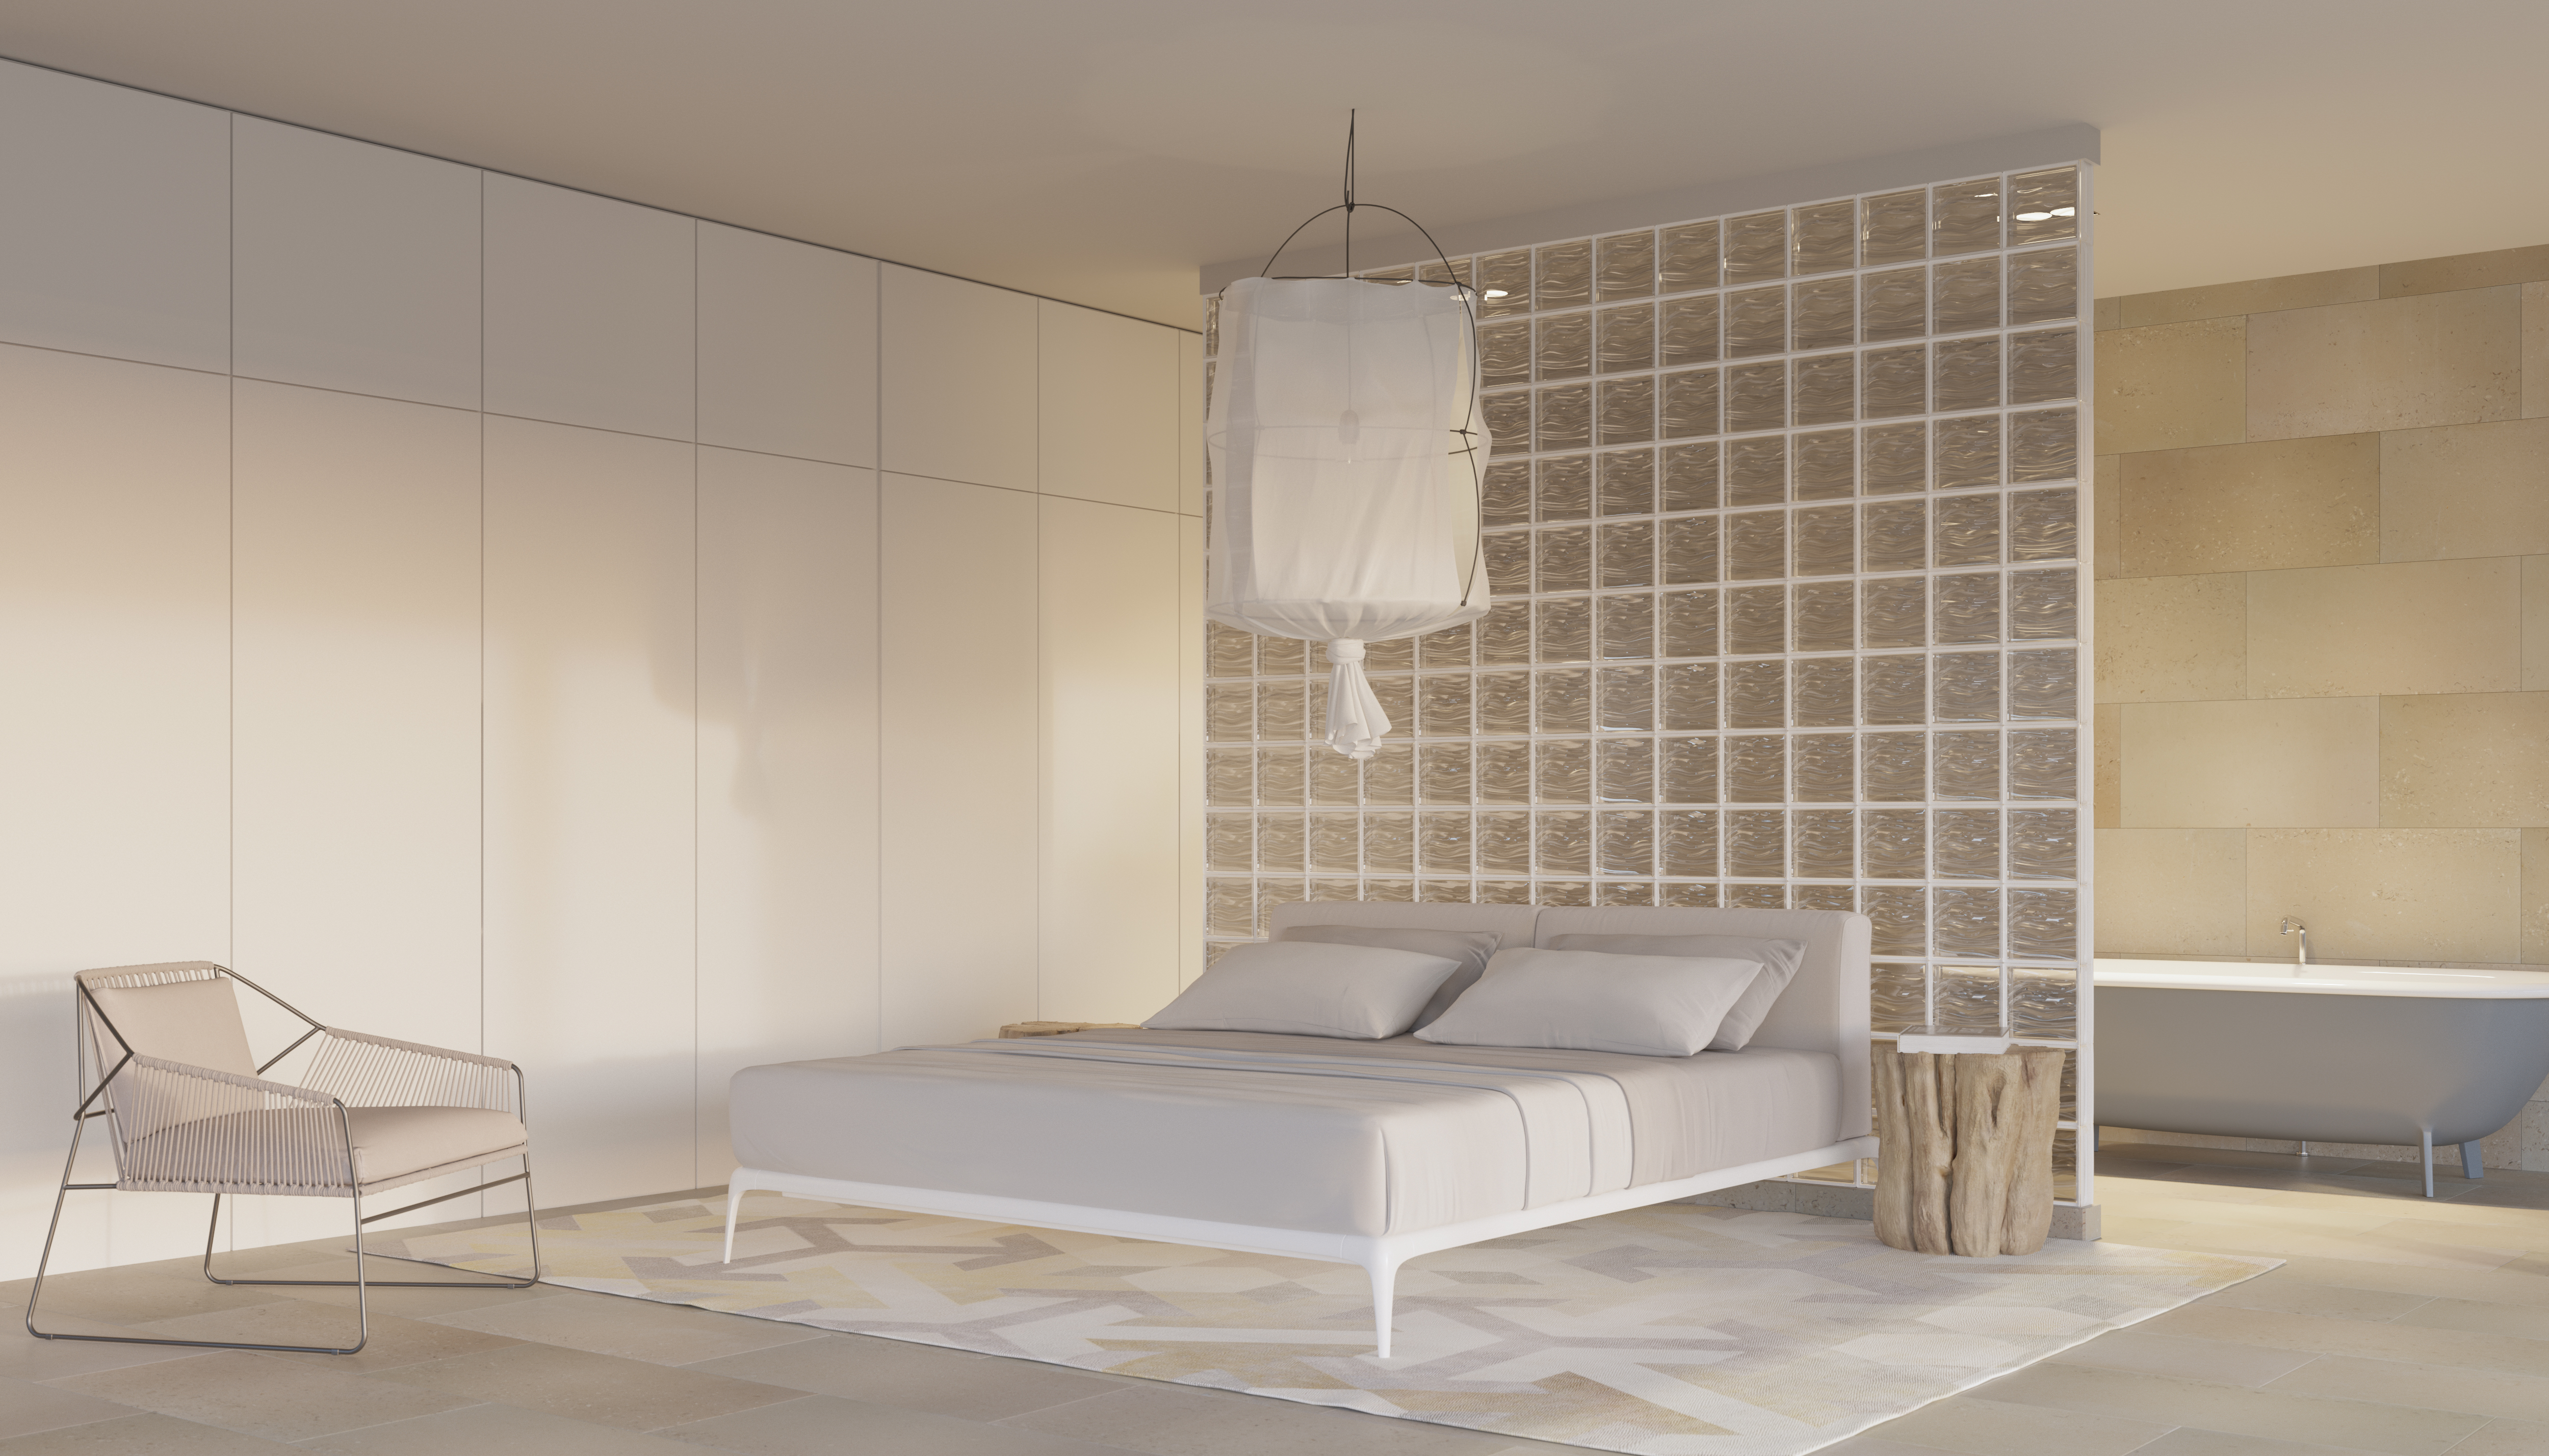 Agua Perla Bedroom Dividing Wall